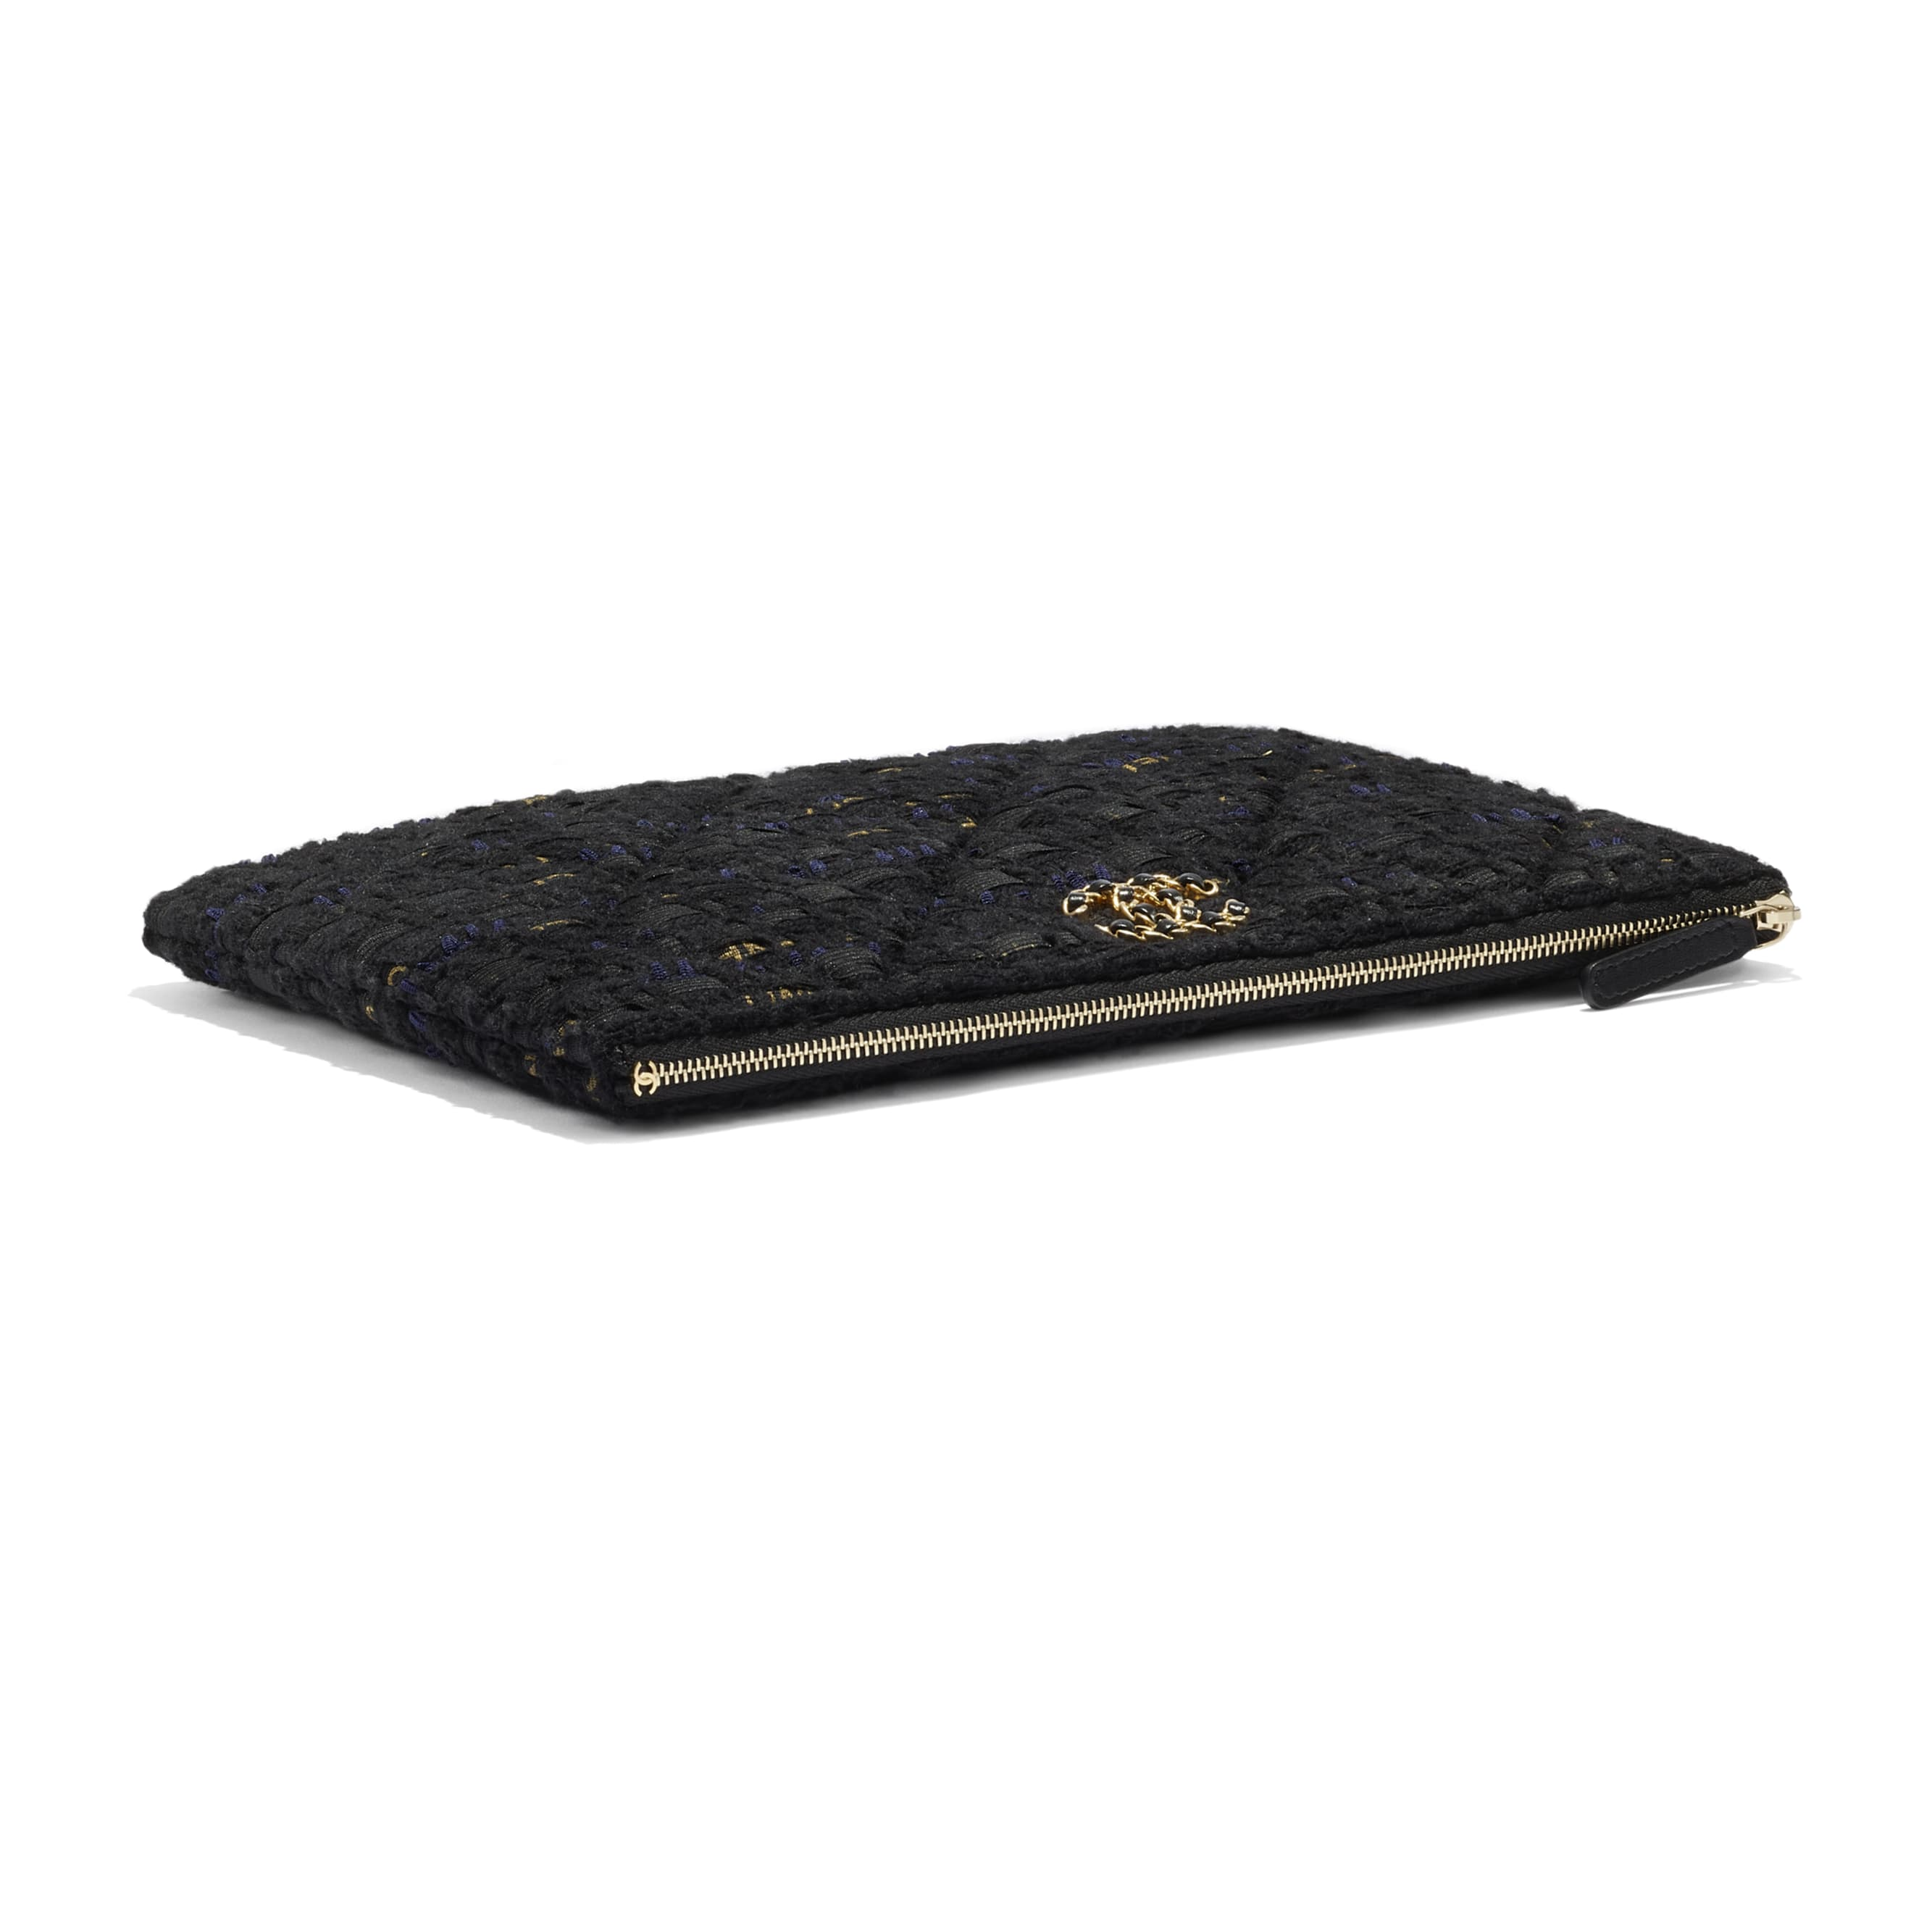 CHANEL 19手提包 - 黑、深藍及金色 - 斜紋軟呢及金色金屬 - CHANEL - 額外視圖 - 查看標準尺寸版本